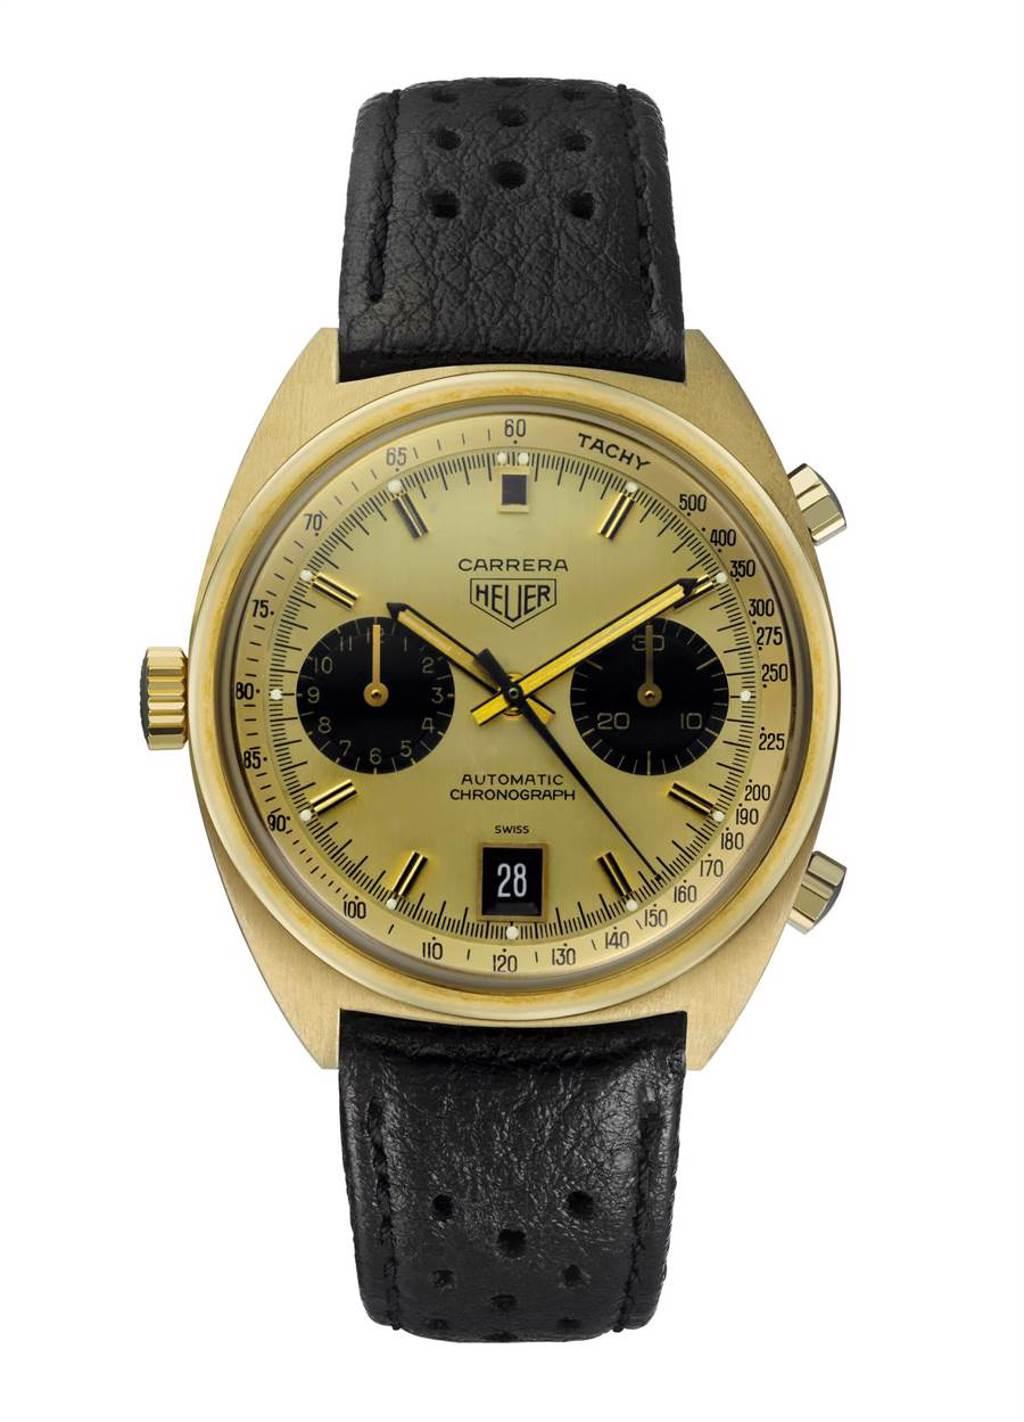 泰格豪雅1969年Carrera Heuer 1158CHN骨董表,18k金,有「機師腕表」( Pilot's watch)之稱。(TAG Heuer提供)